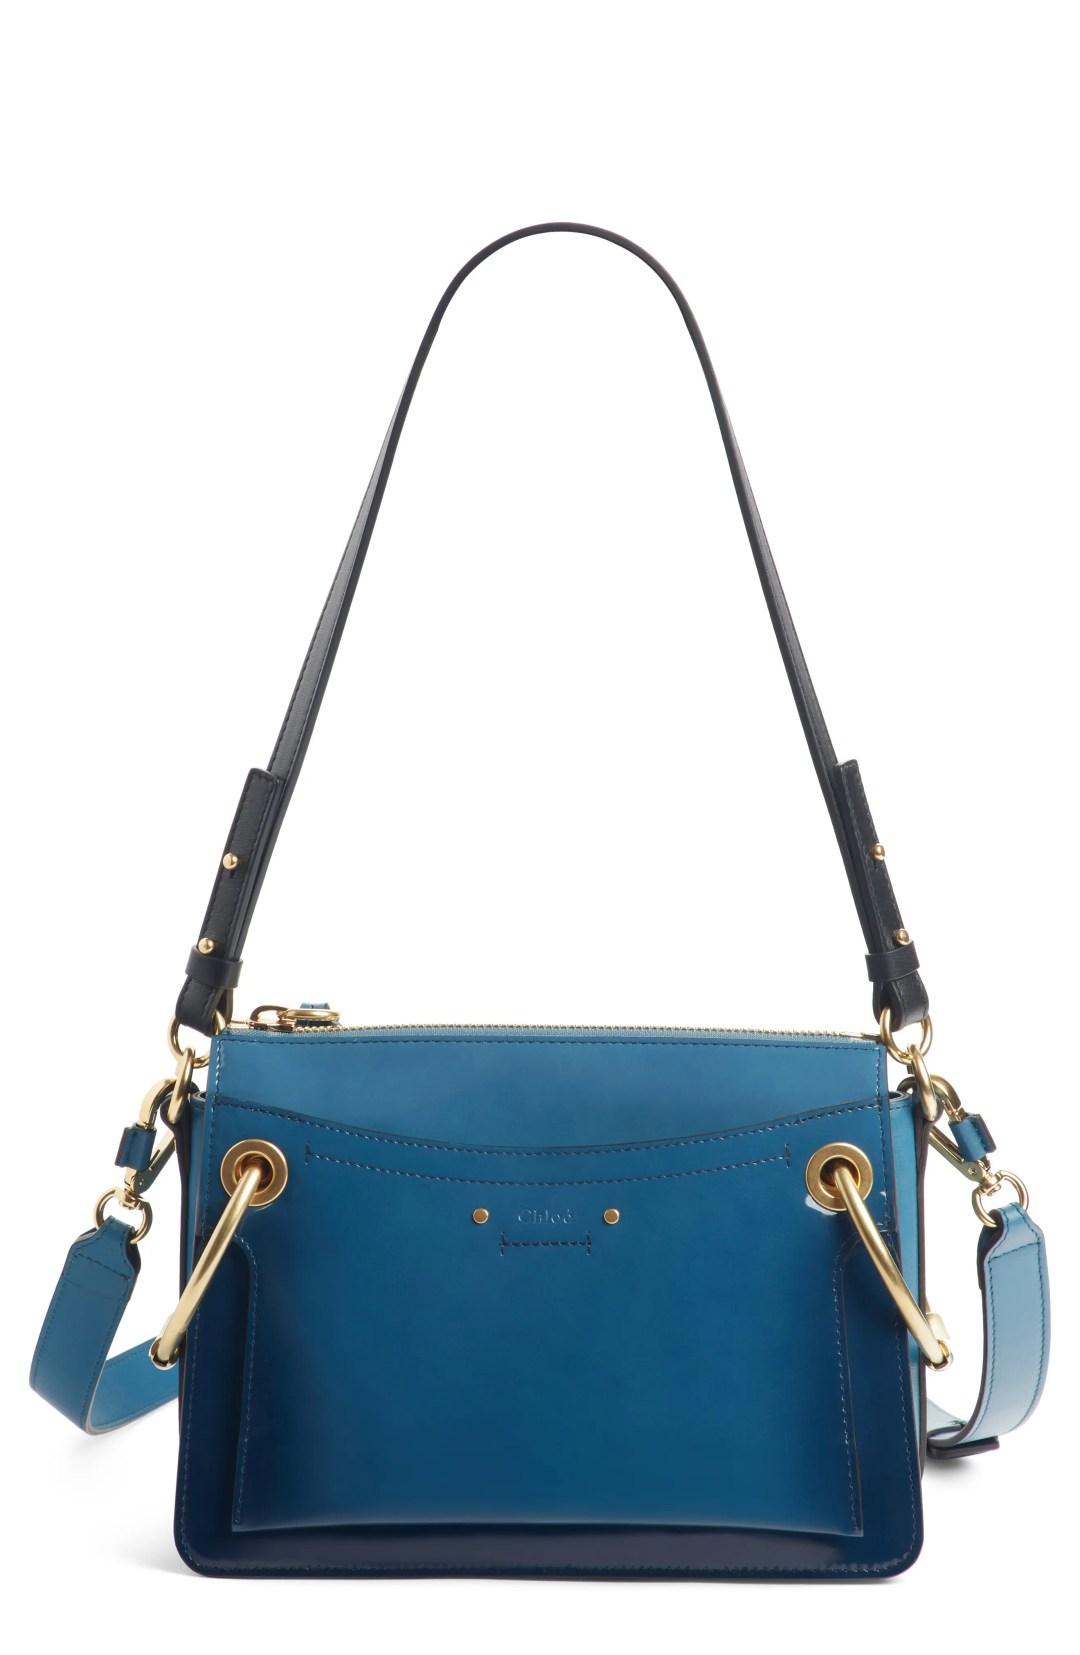 ffd4d726803 Chloé Large Roy Leather Shoulder Bag